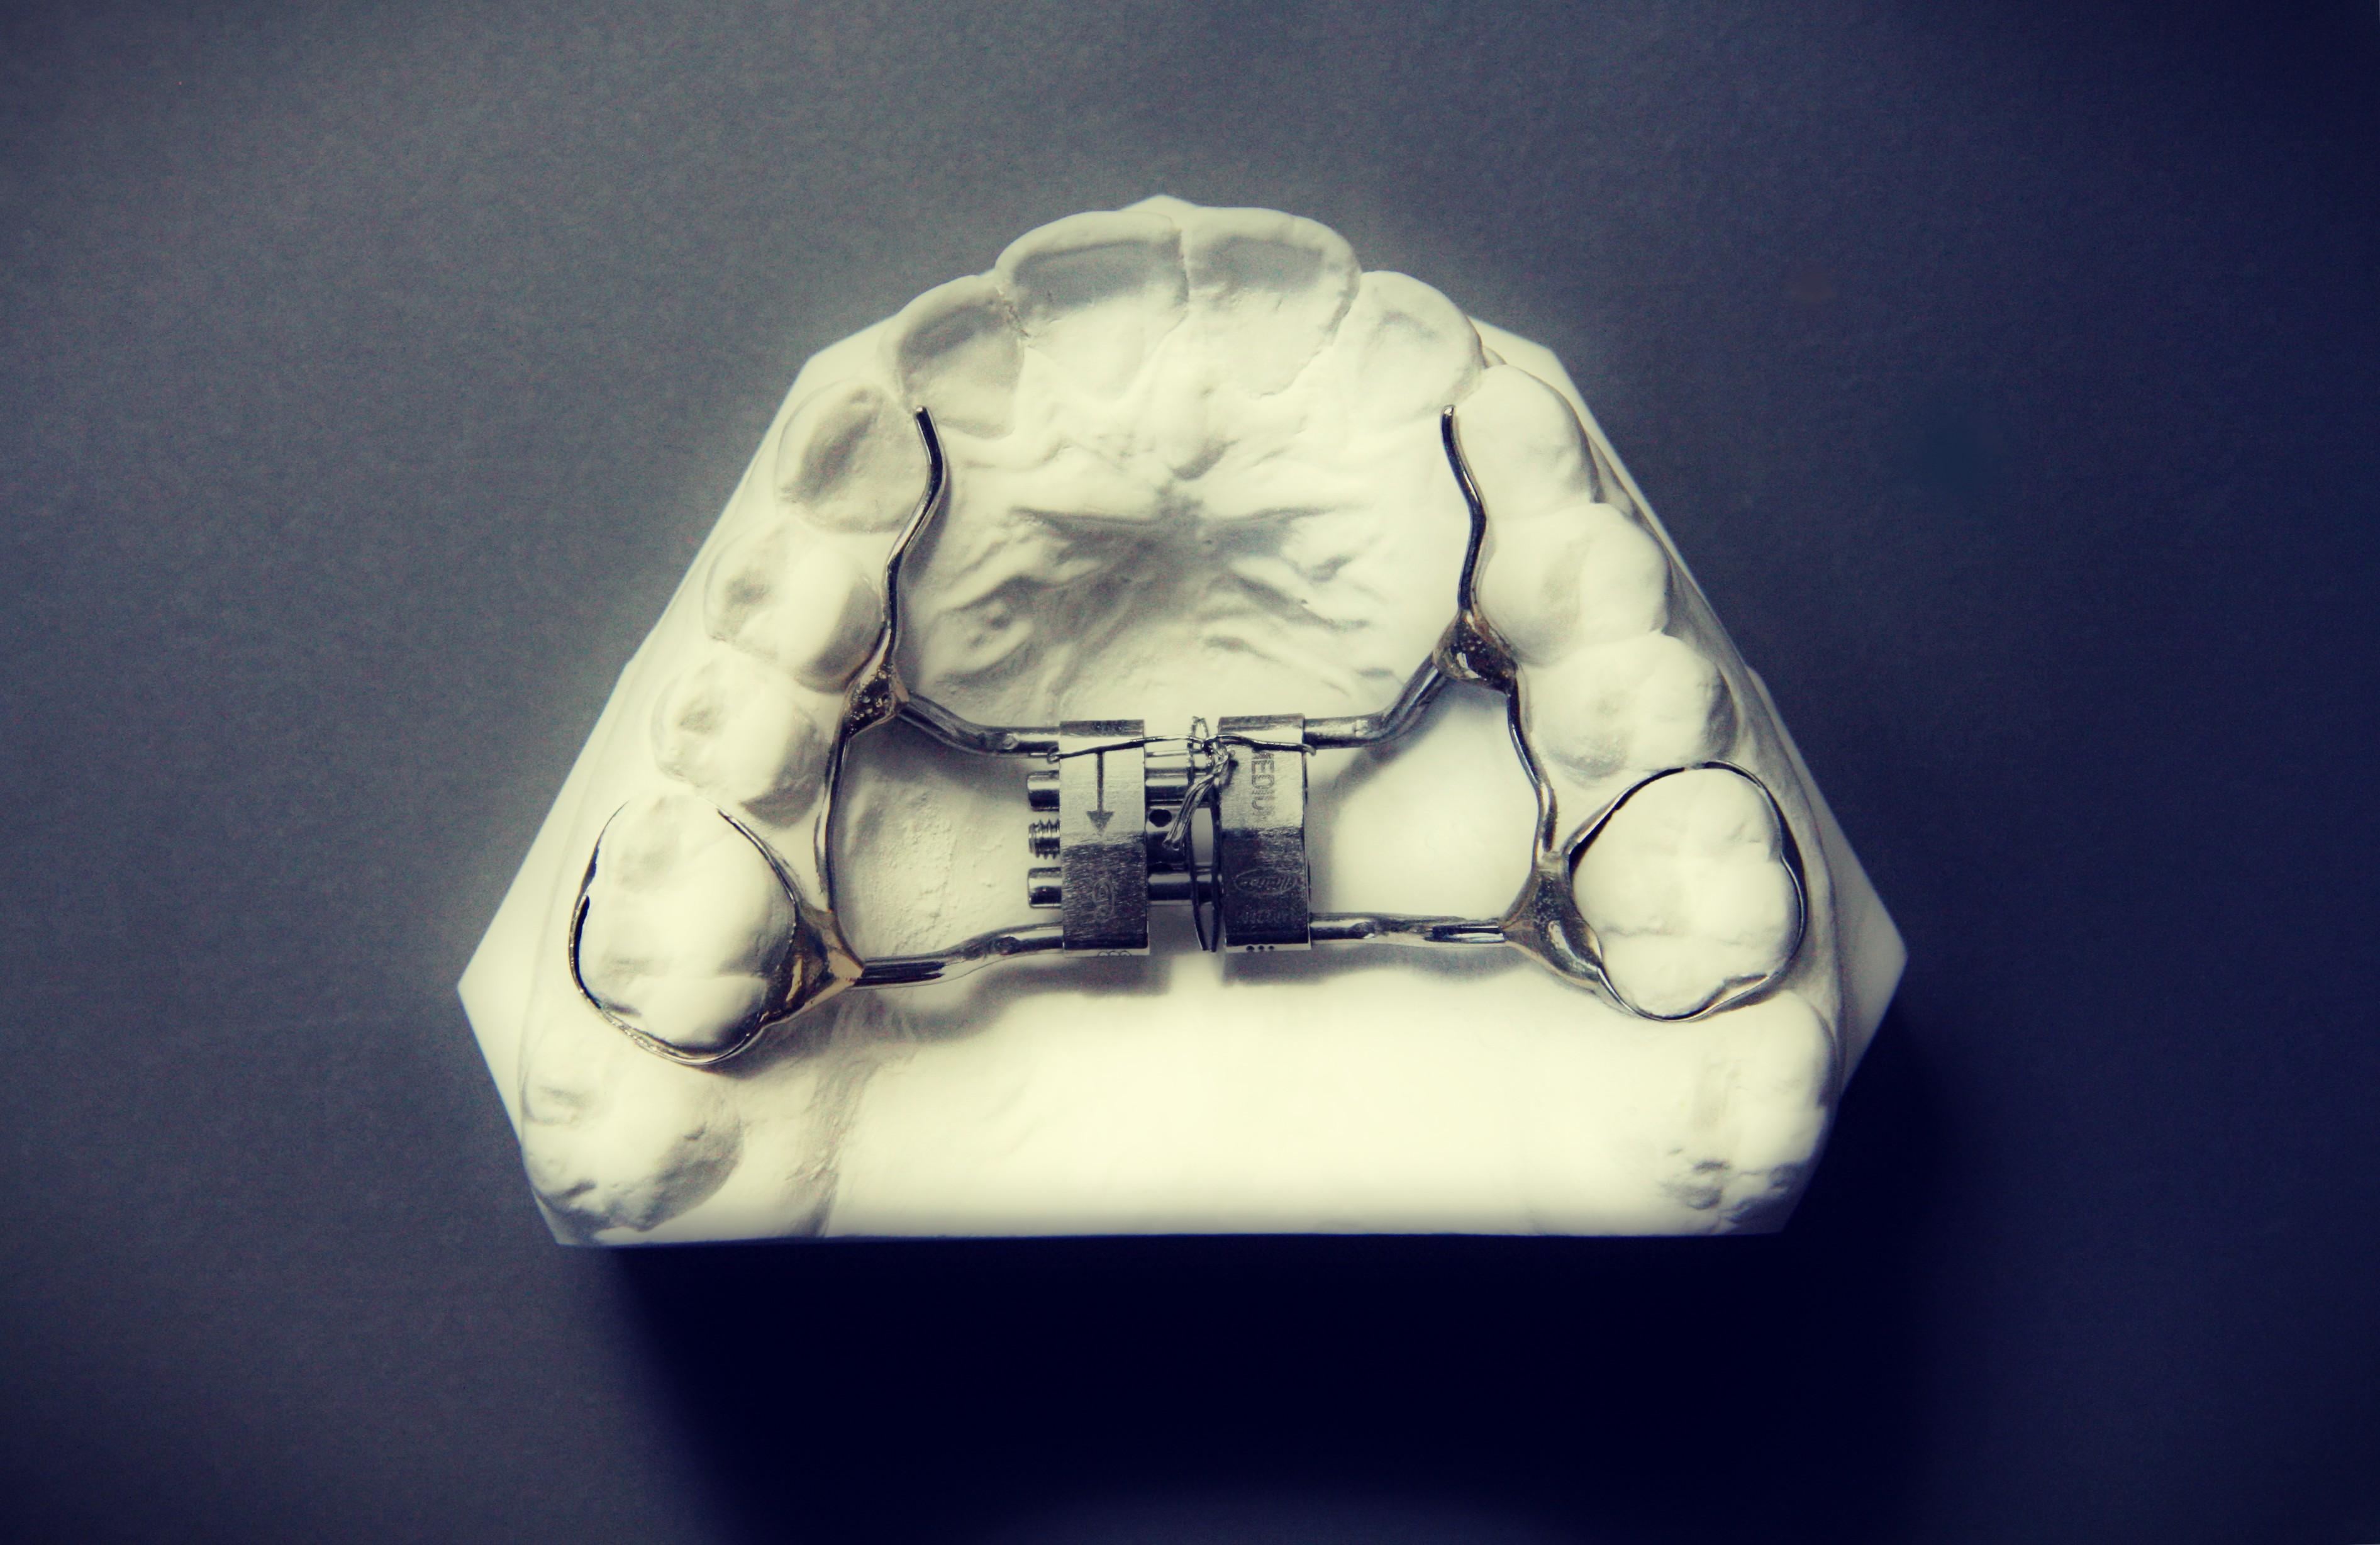 Foto: dit apparaatje maakt de verbreding of distractie van de bovenkaak mogelijk